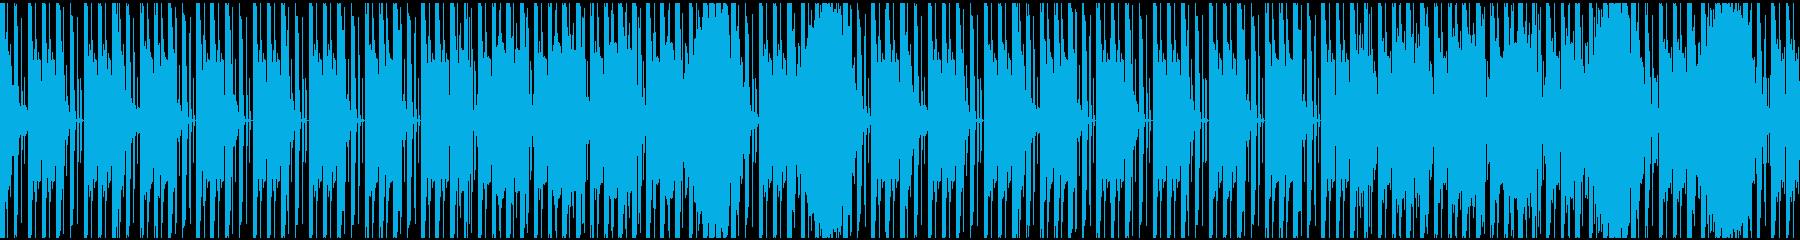 【ミステリアス】不気味ロング5の再生済みの波形